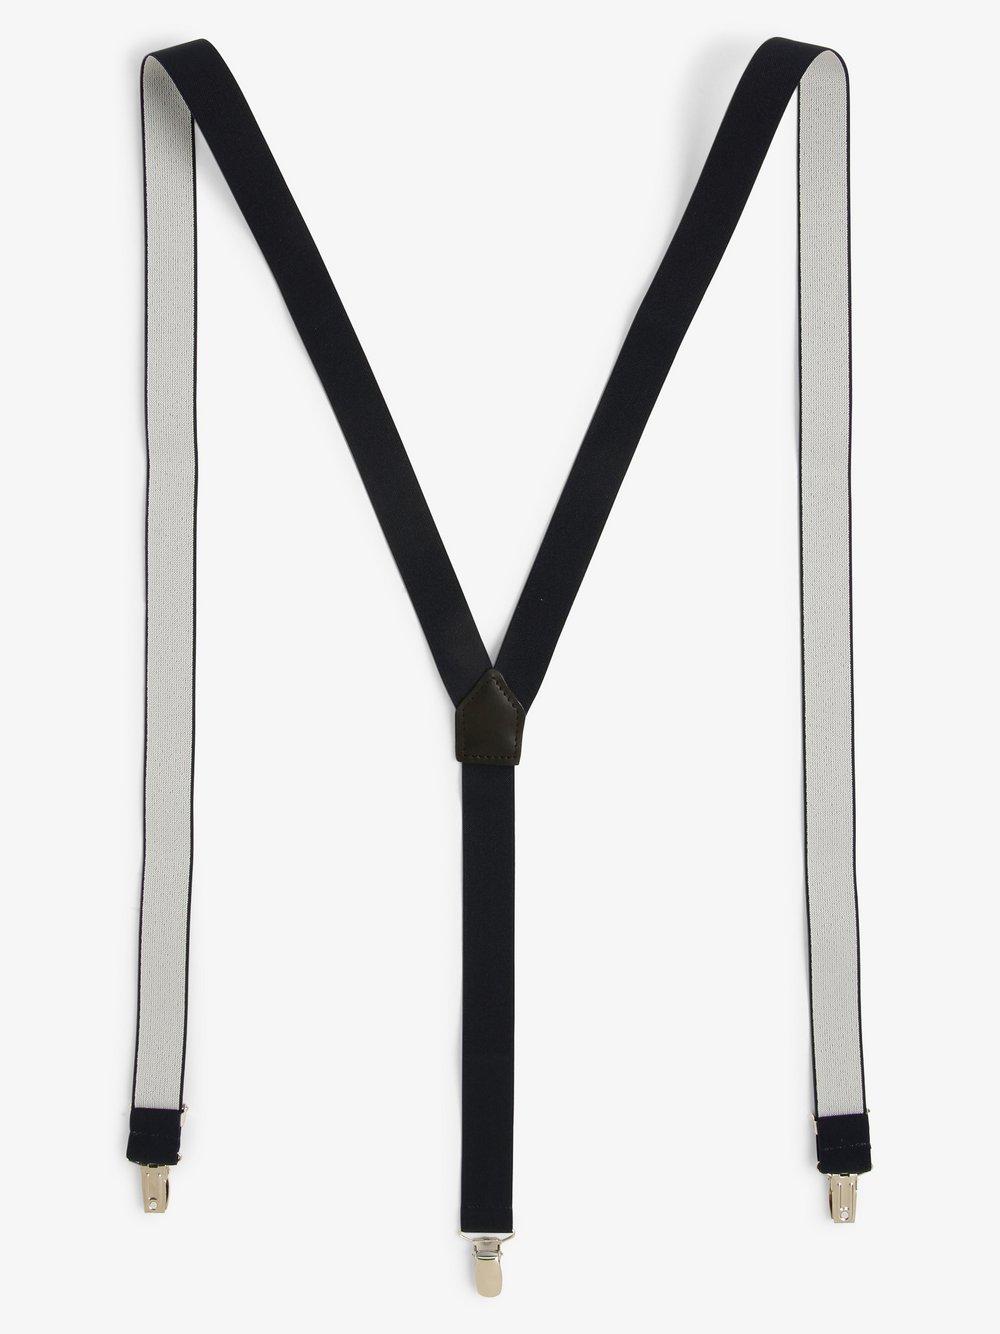 Finshley & Harding London – Szelki męskie, niebieski Van Graaf 469452-0001